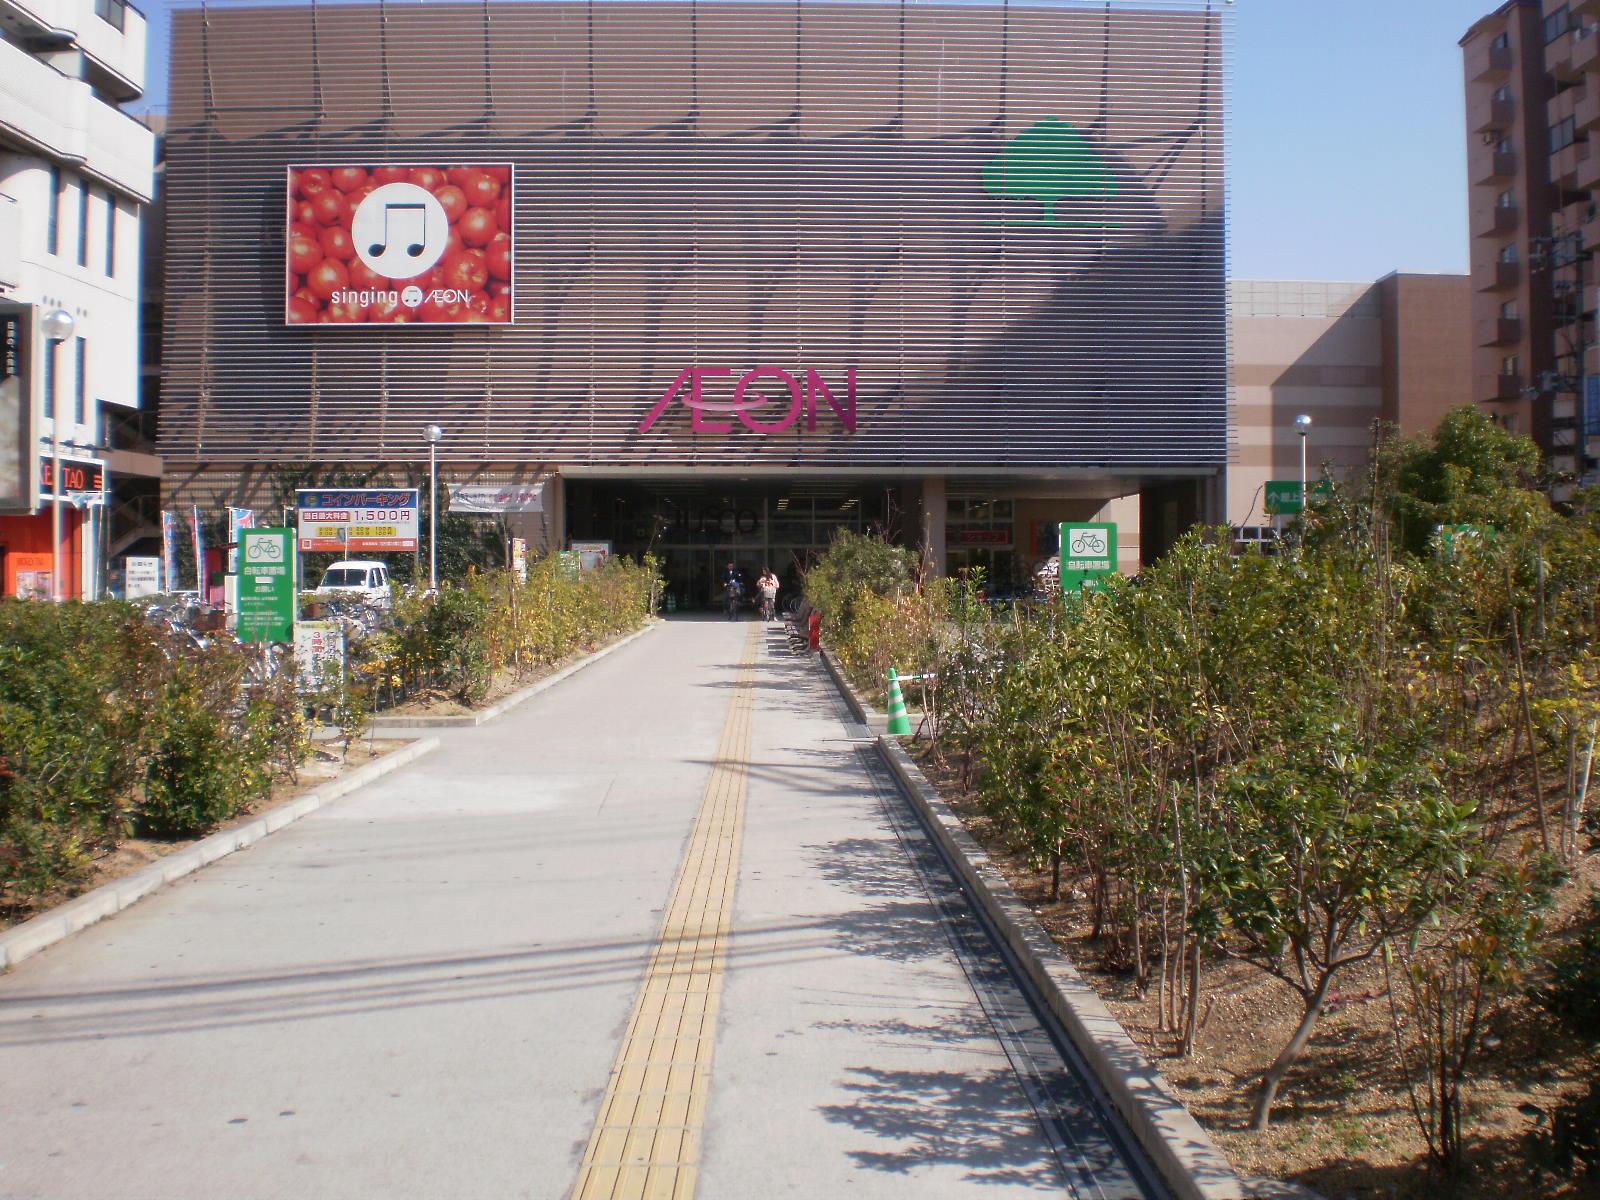 ショッピングセンター イオン喜連瓜破ショッピングセンター(ショッピングセンター)まで791m